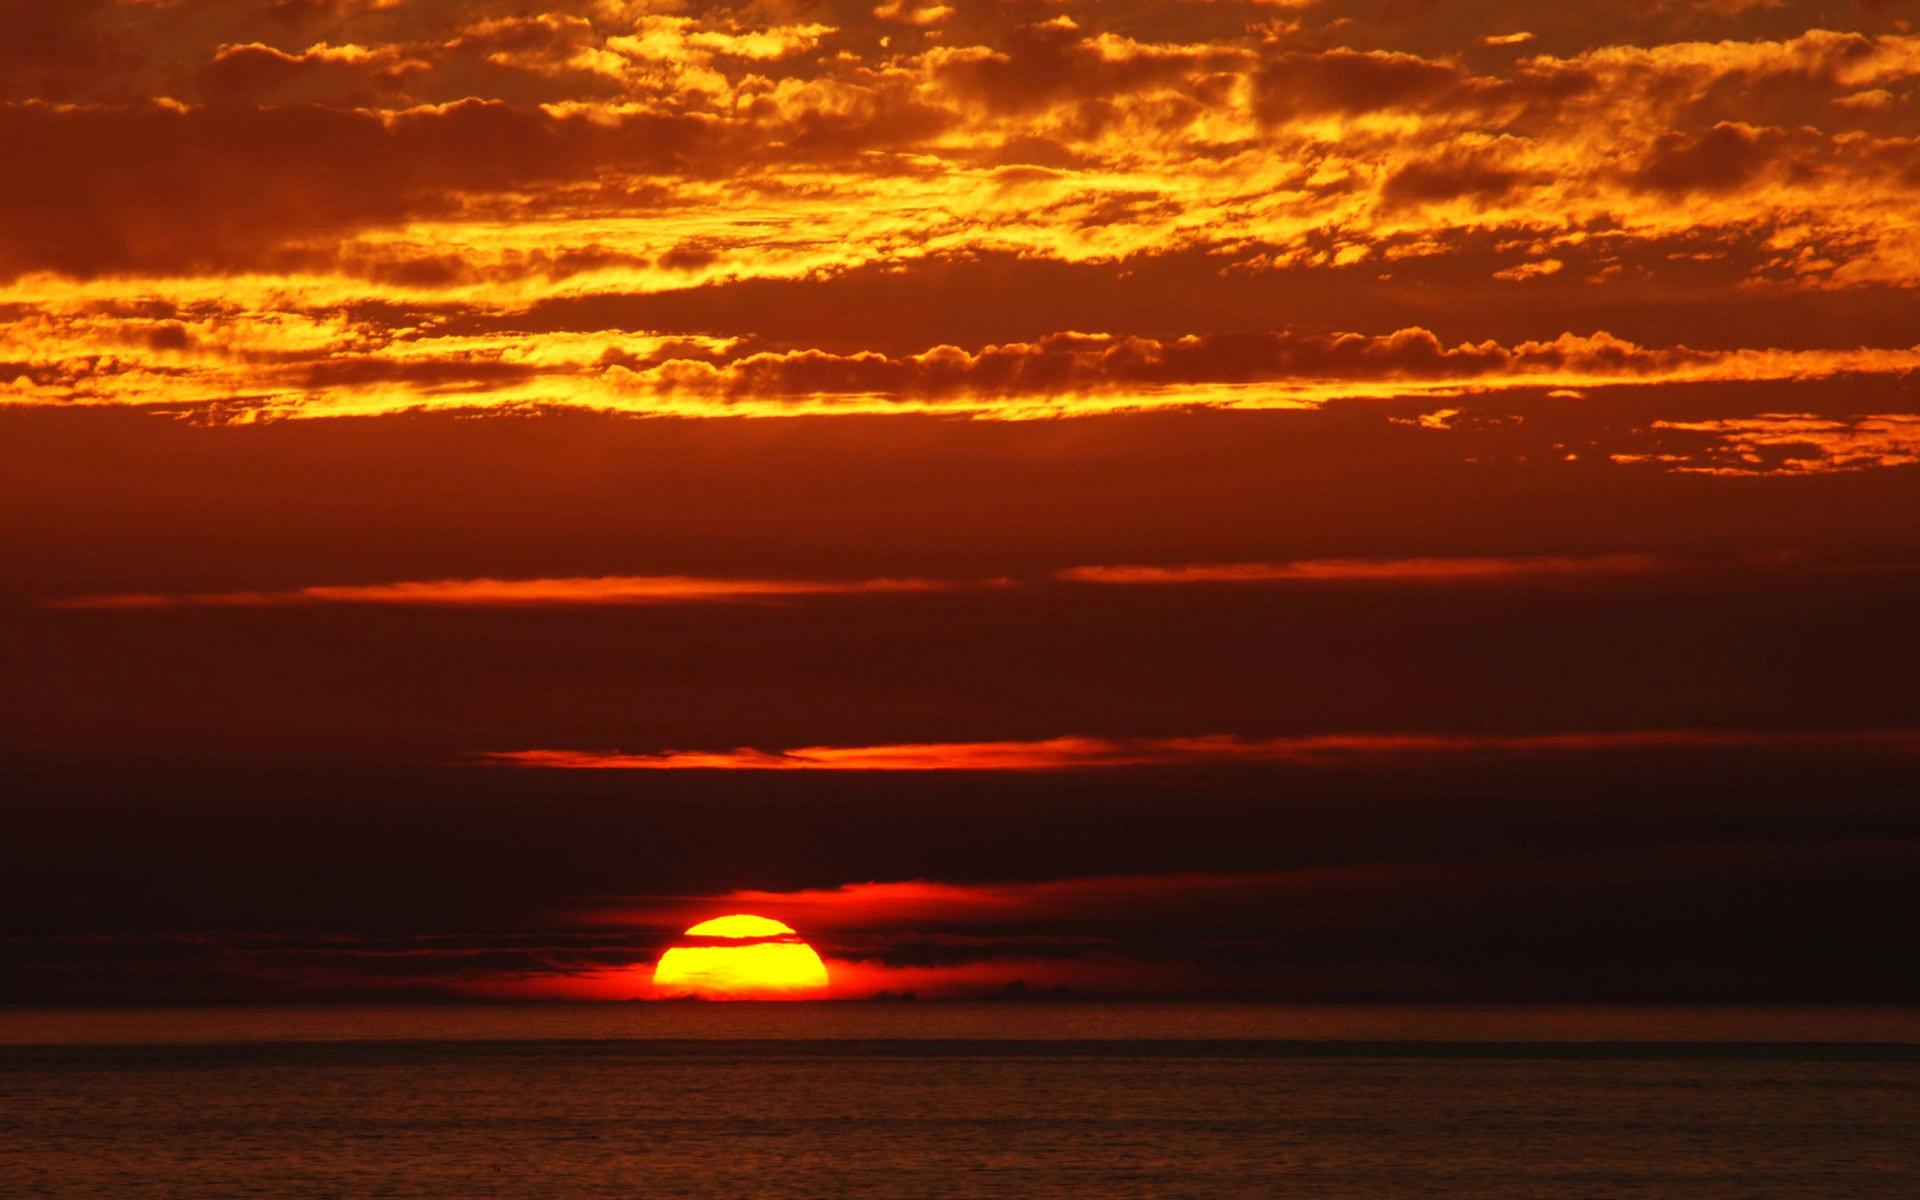 Sunset Backgrounds wallpaper   104609 1920x1200